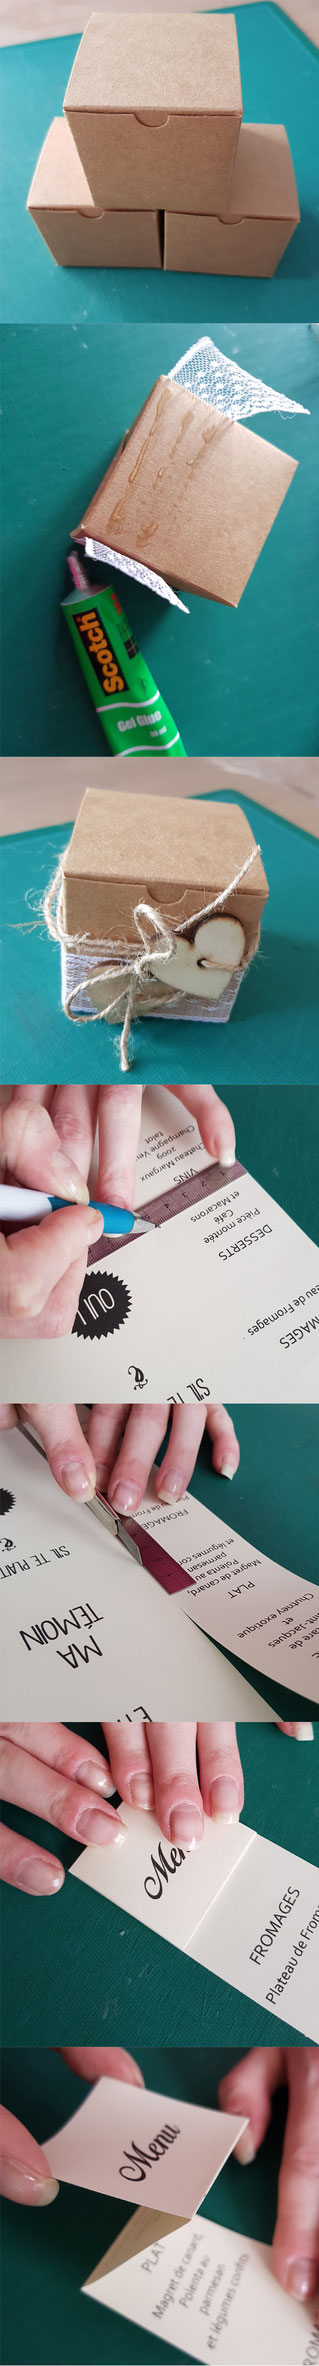 Étapes de création du menu original - Crédit photo : Hésione Design